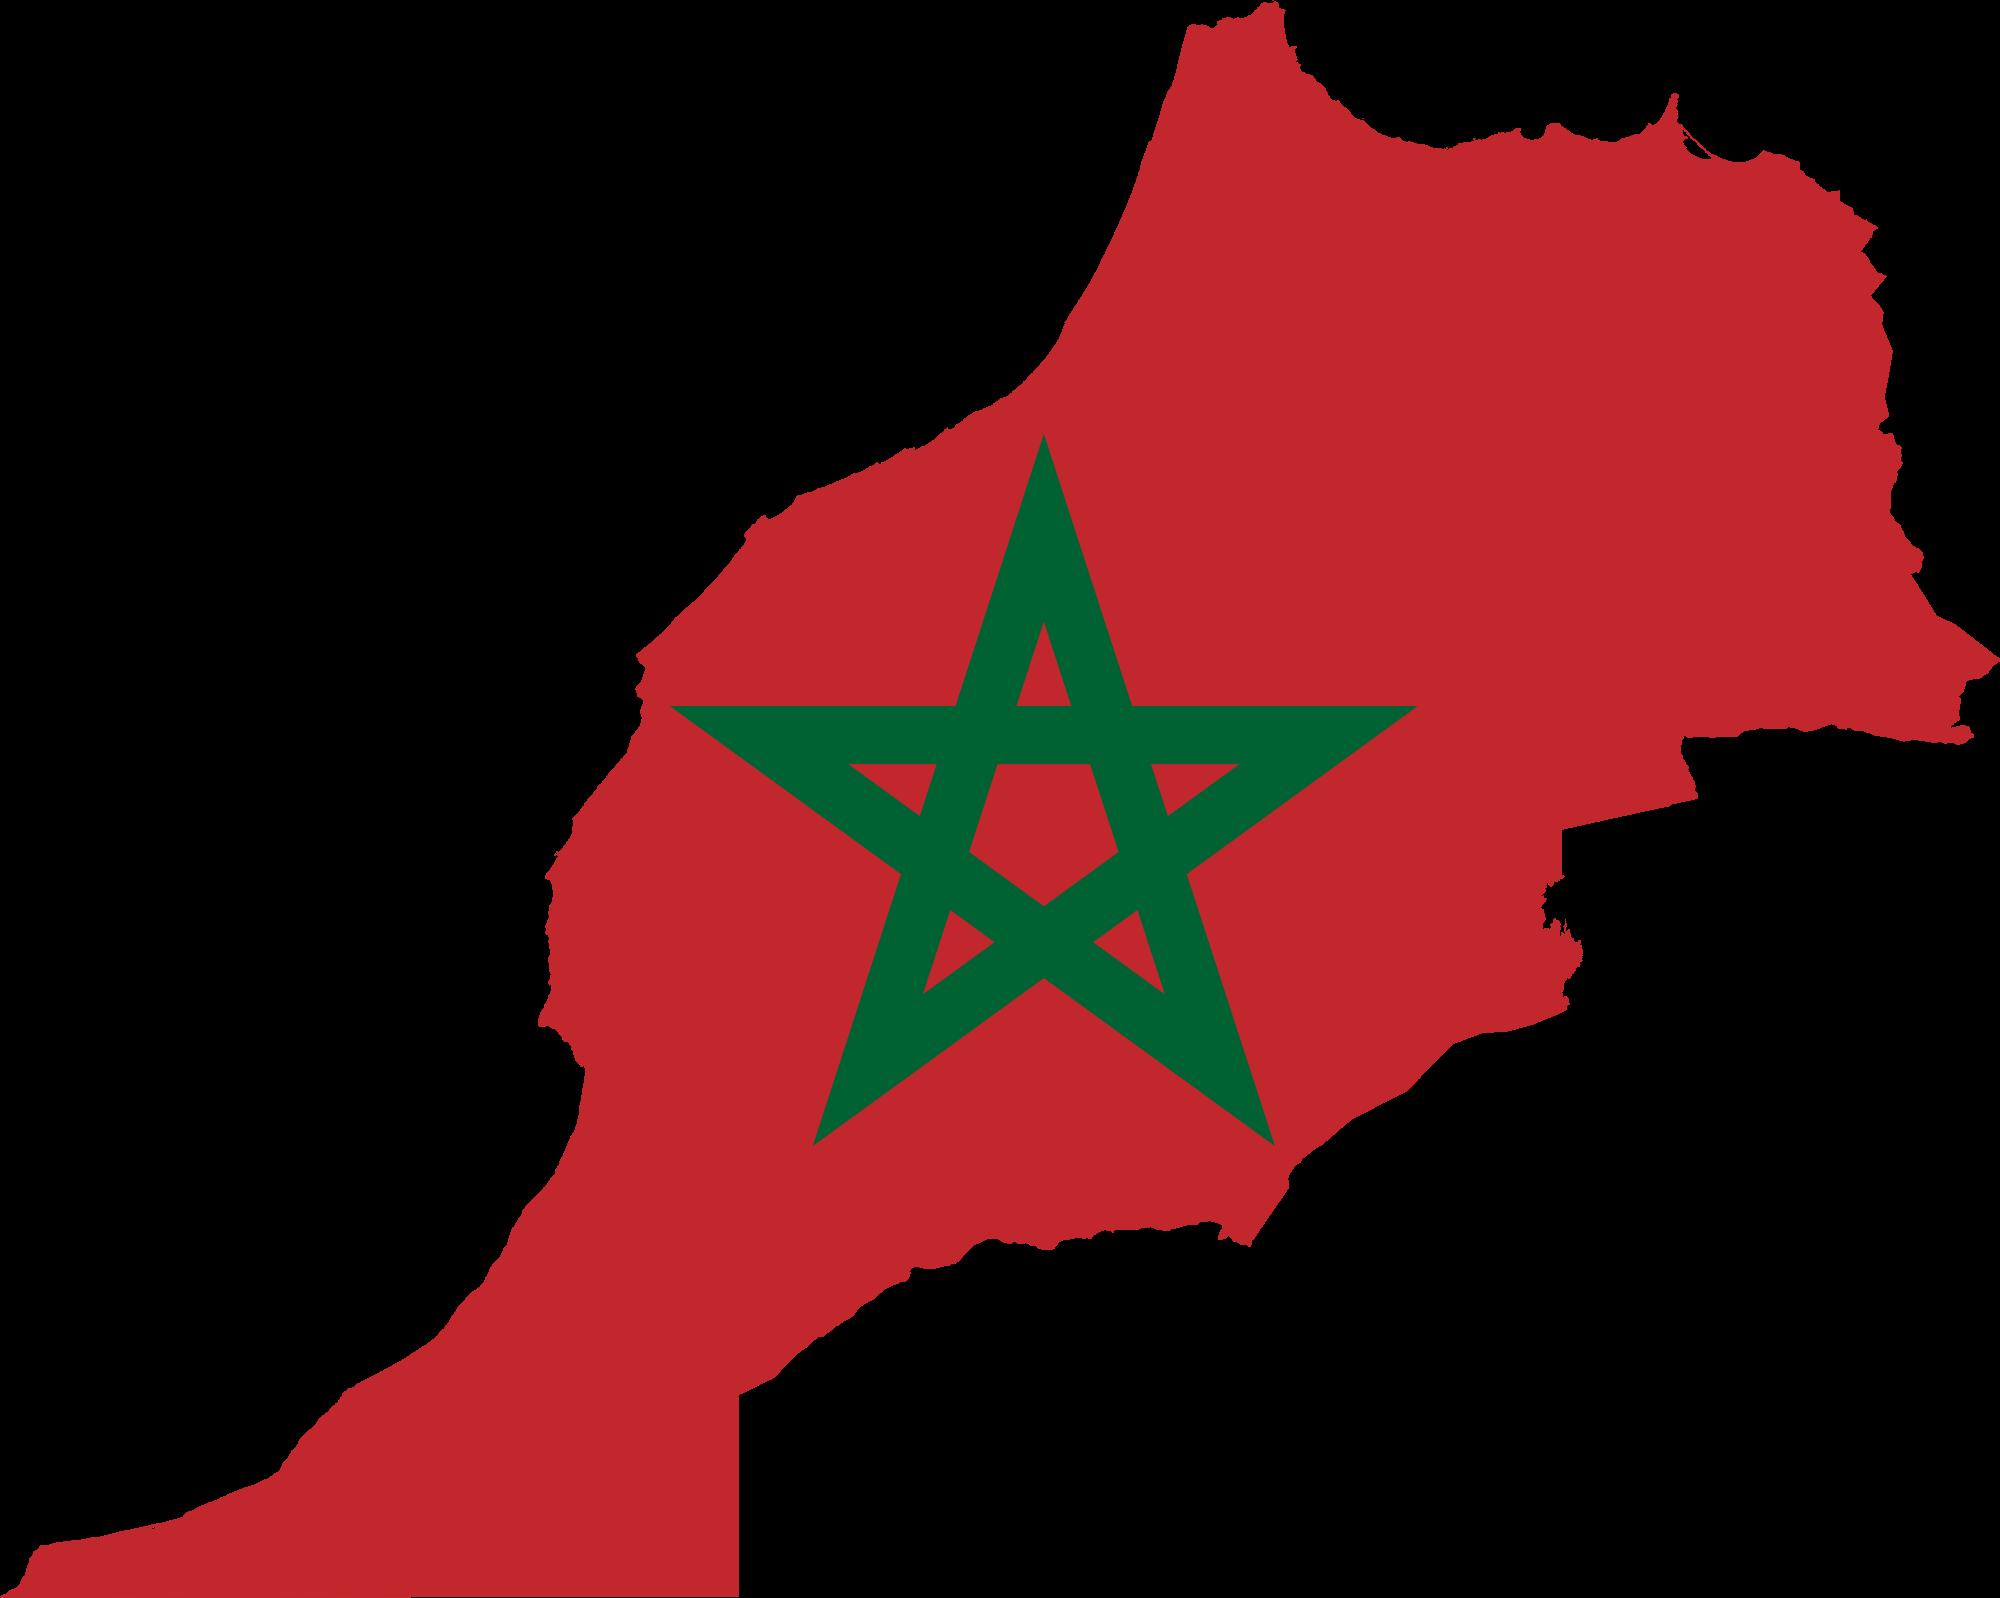 Cartina Marocco Da Colorare.Bandiera Marocco Da Colorare